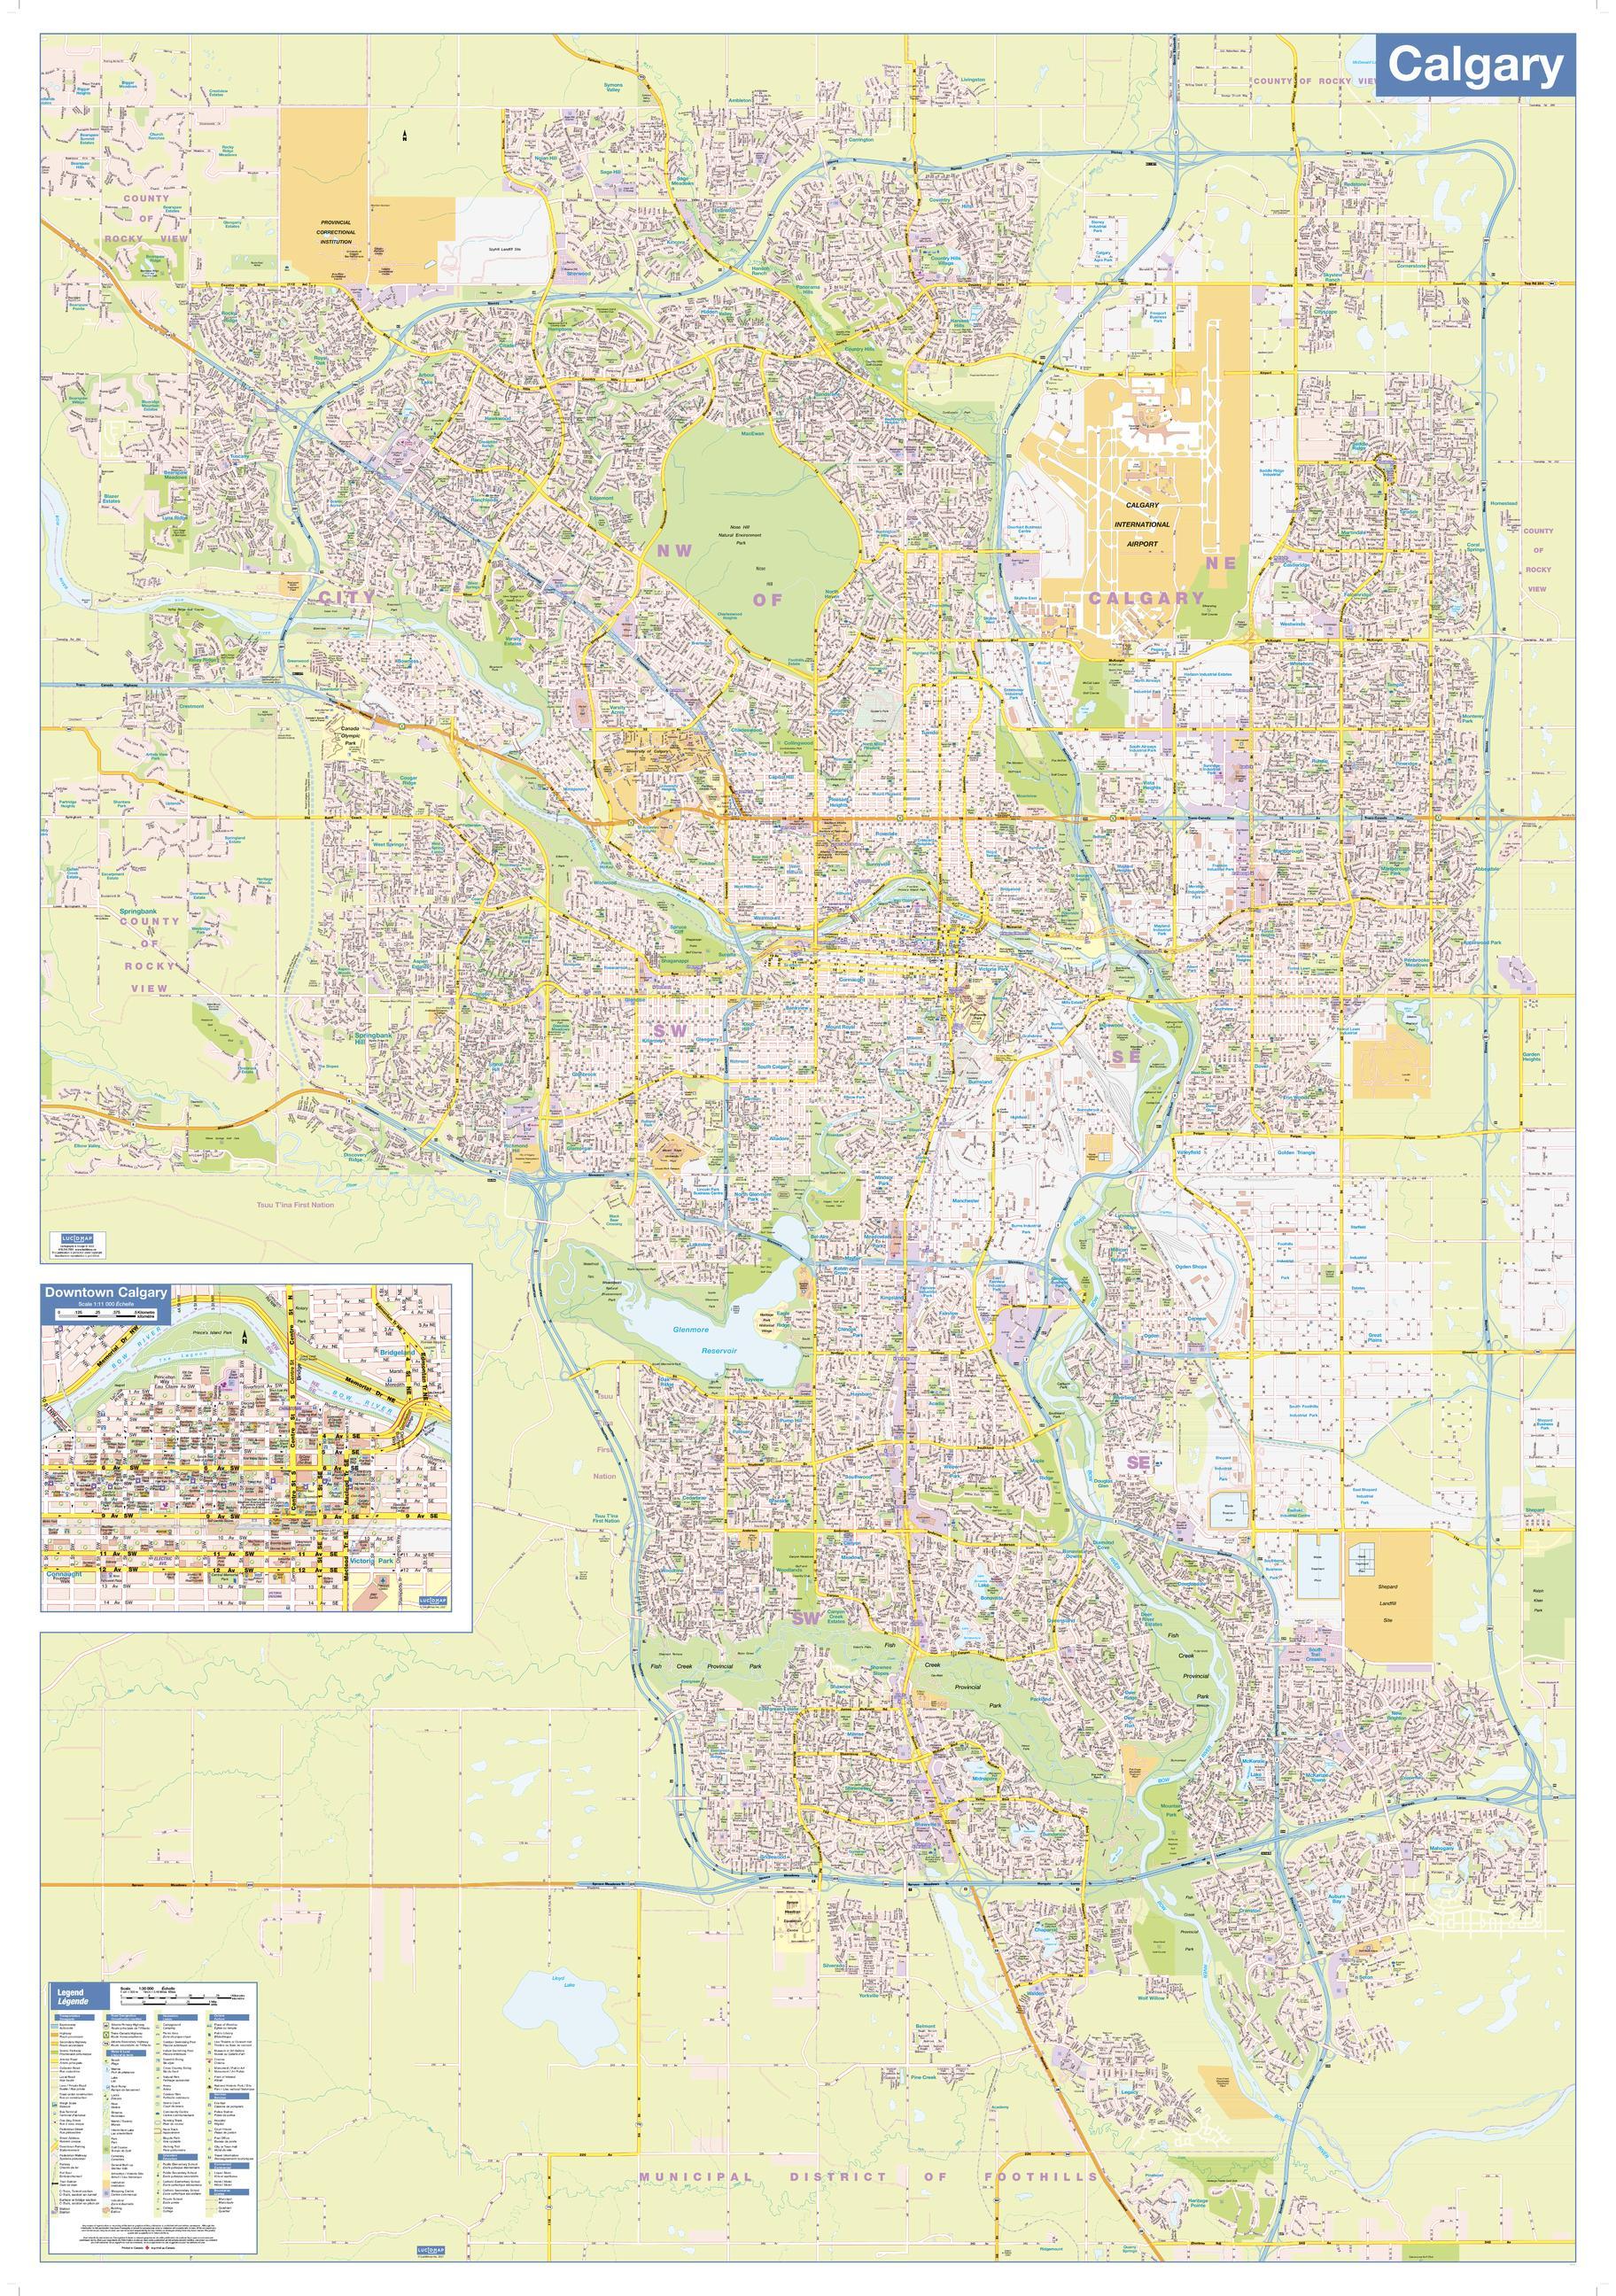 Calgary Wall Map